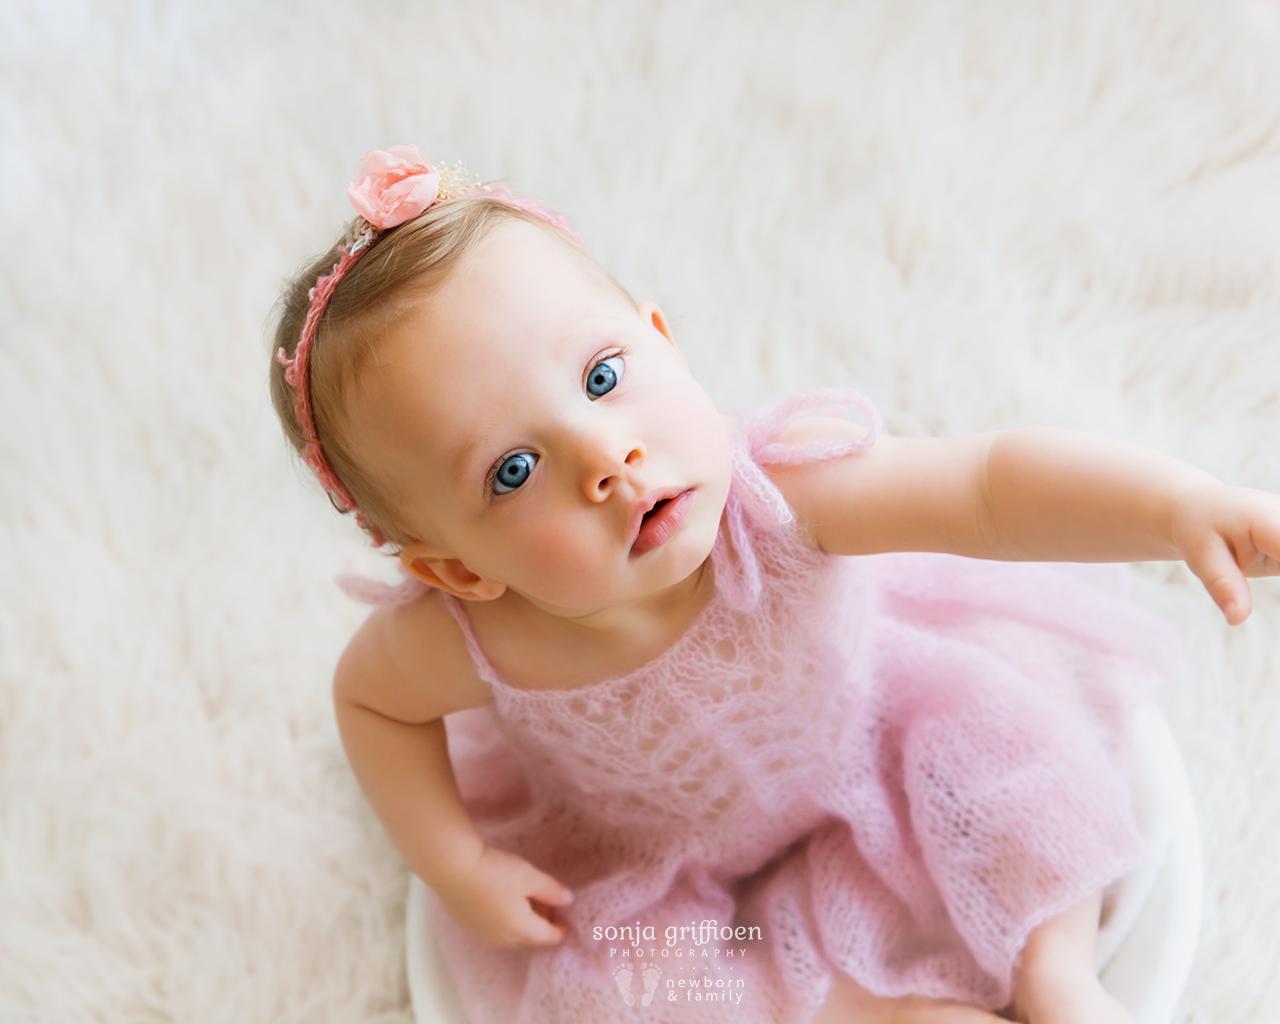 Arabella-Milestone-Brisbane-Newborn-Photographer-Sonja-Griffioen-22.jpg